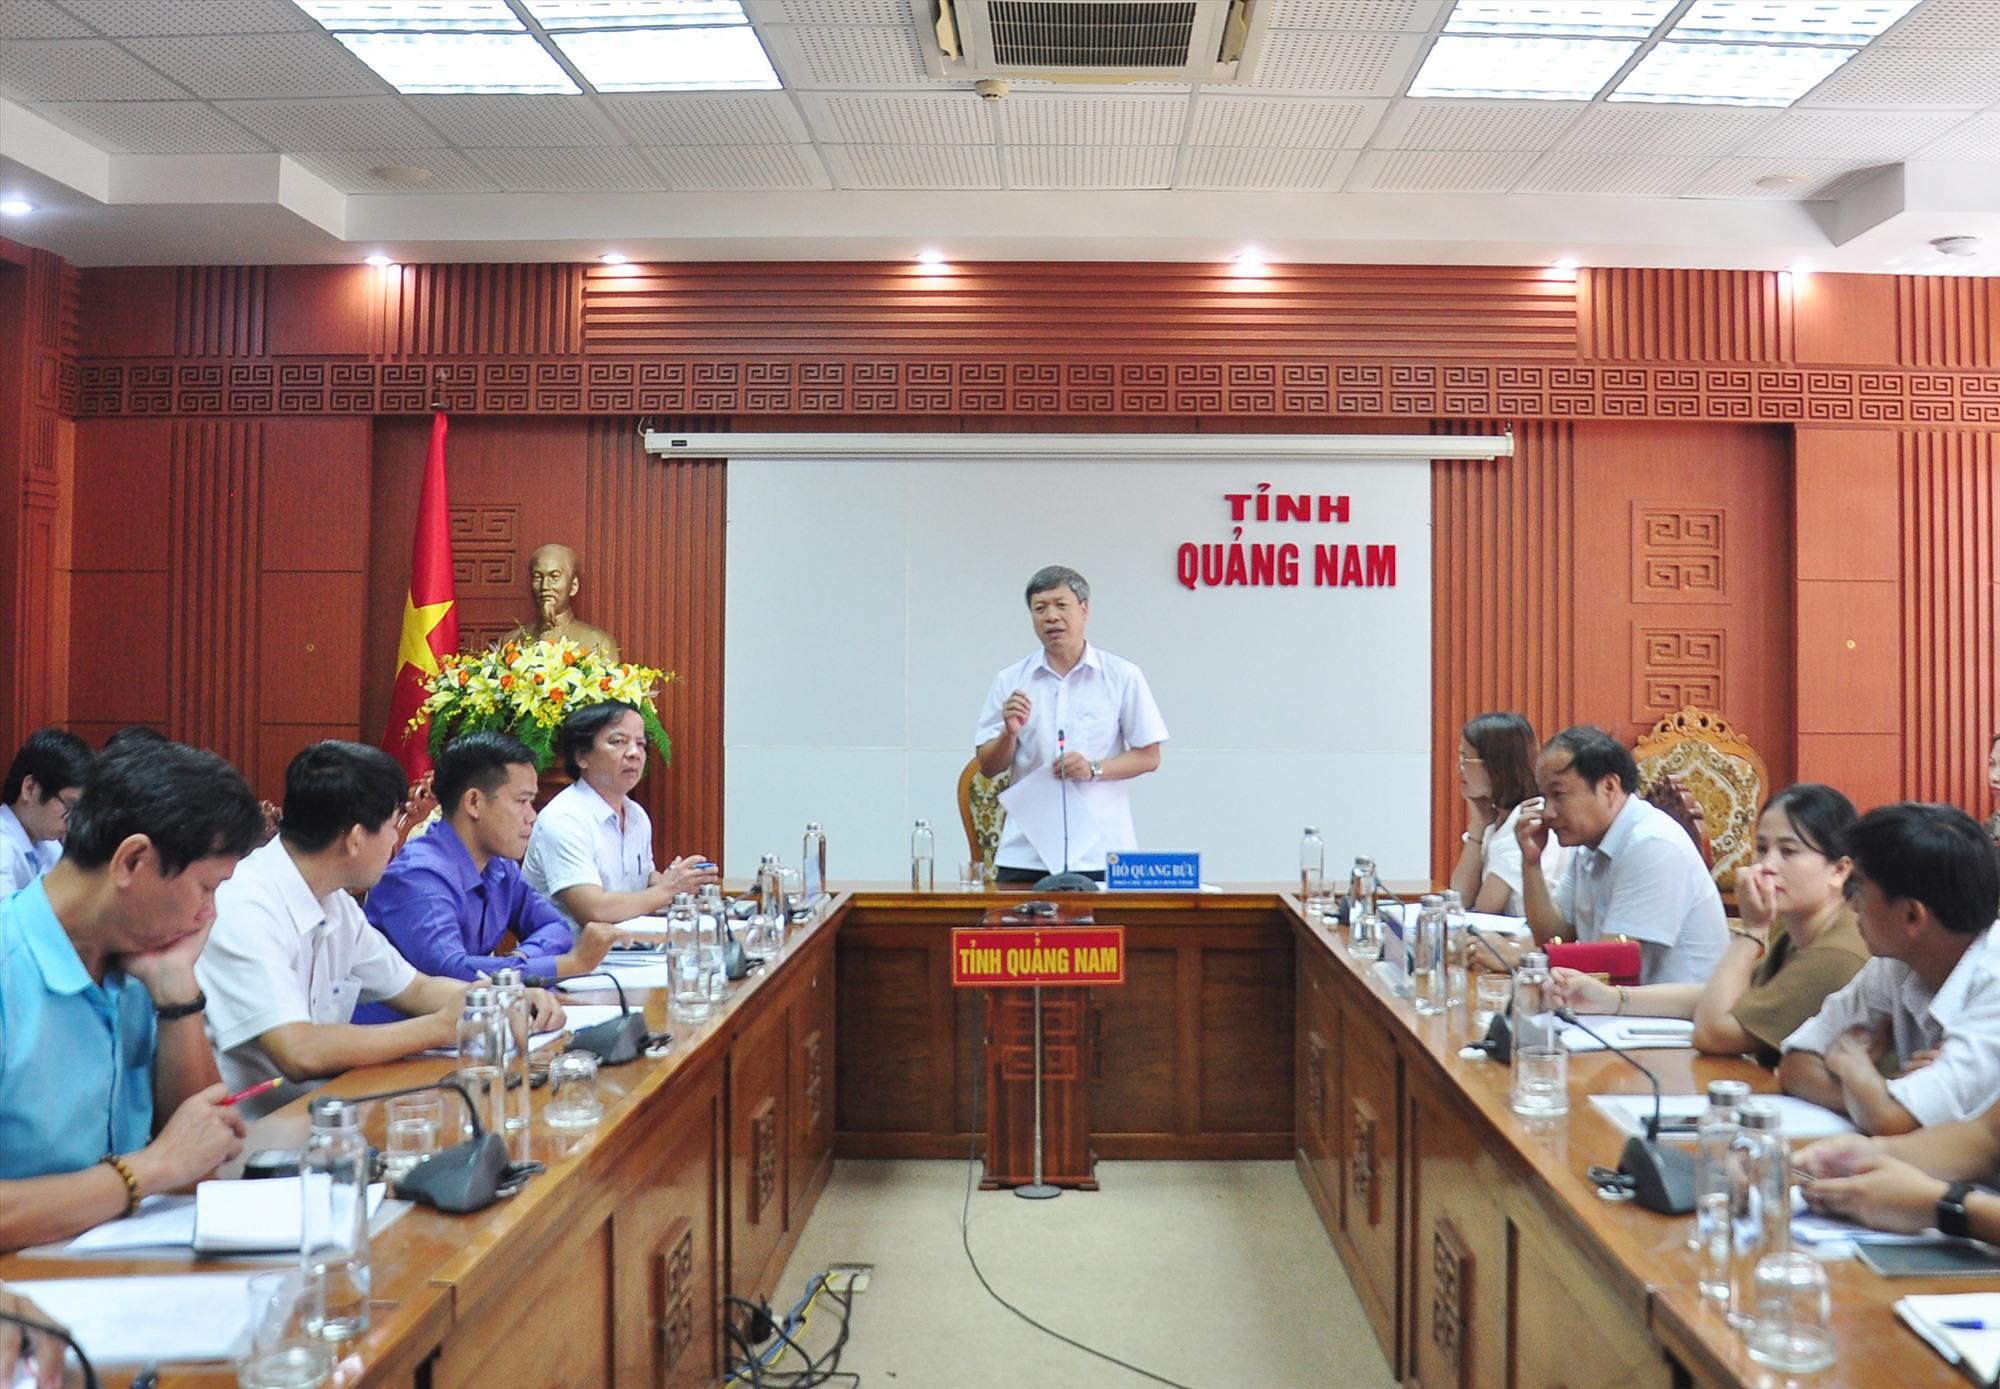 Phó Chủ tịch UBND tỉnh Hồ Quang Bửu chủ trì cuộc họp về nội dung khởi nghiệp của tỉnh. Ảnh: VINH ANH